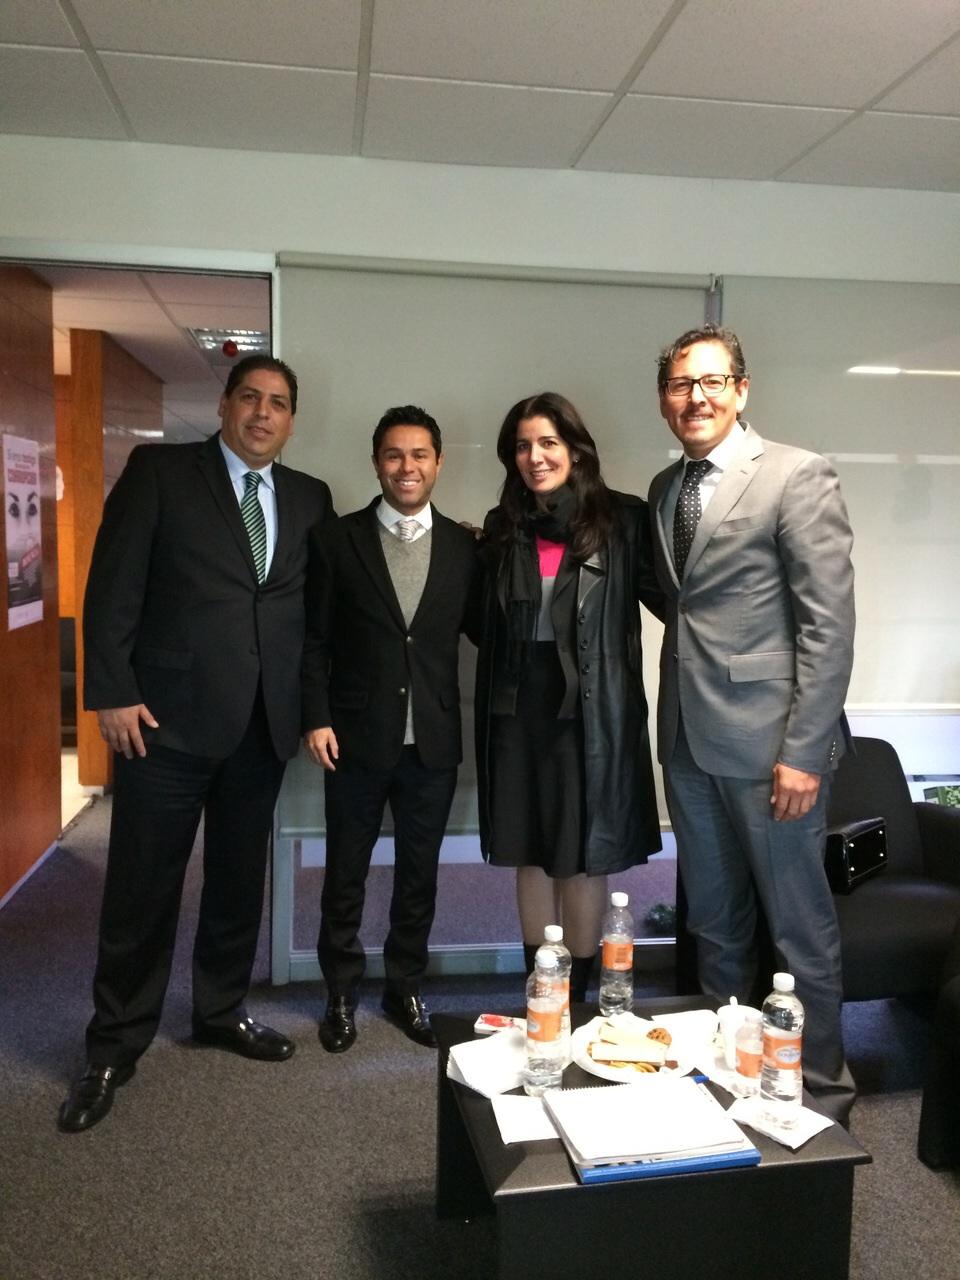 Nuestro director de Optucorp el Sr. René Moyo, y la Gerente de Operaciones México la Lic. Alicia Pérez junto al Lic. Alejandro de la Rosa, Secretario Particular del Oficial Mayor y al Lic. Fernando Dominguez, Director General Adjunto de la Administración.